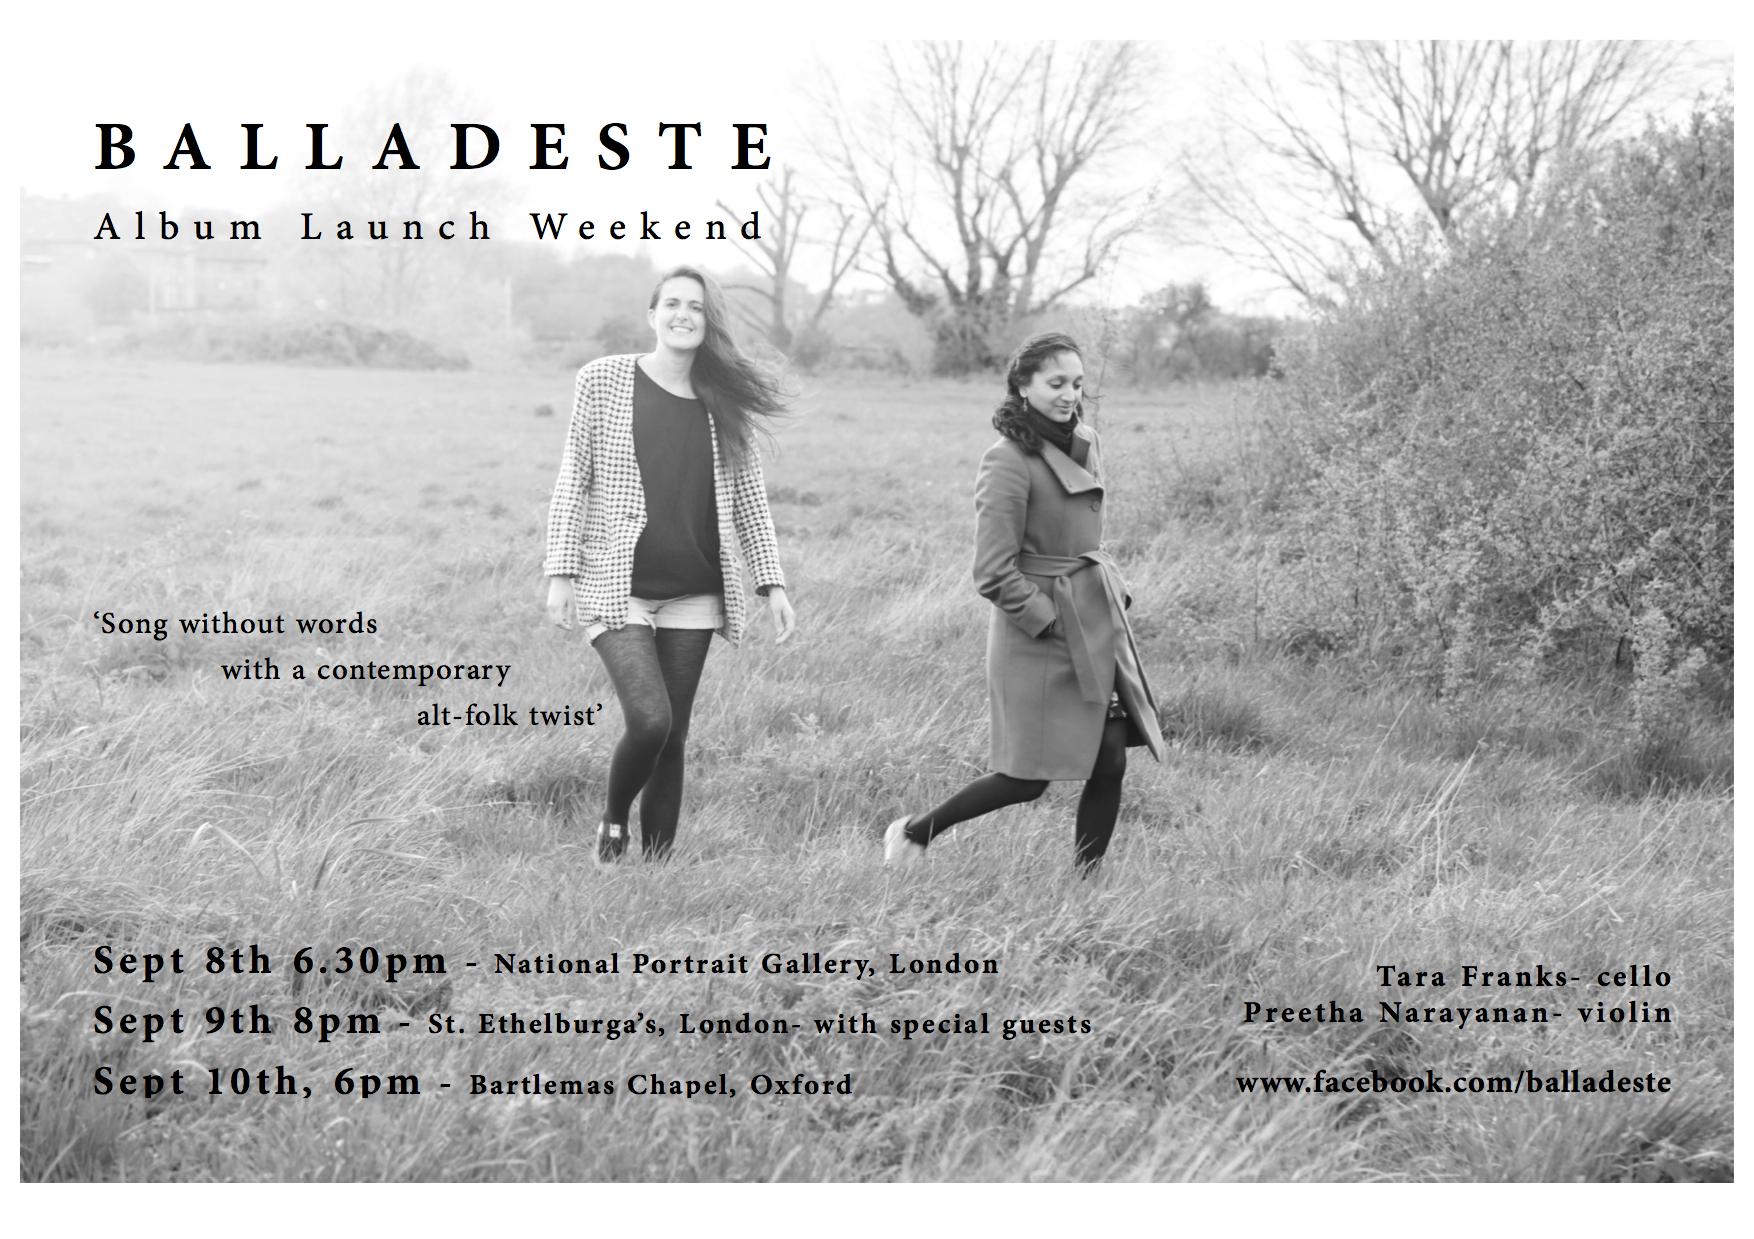 Balladeste launch weekend poster (1).jpg